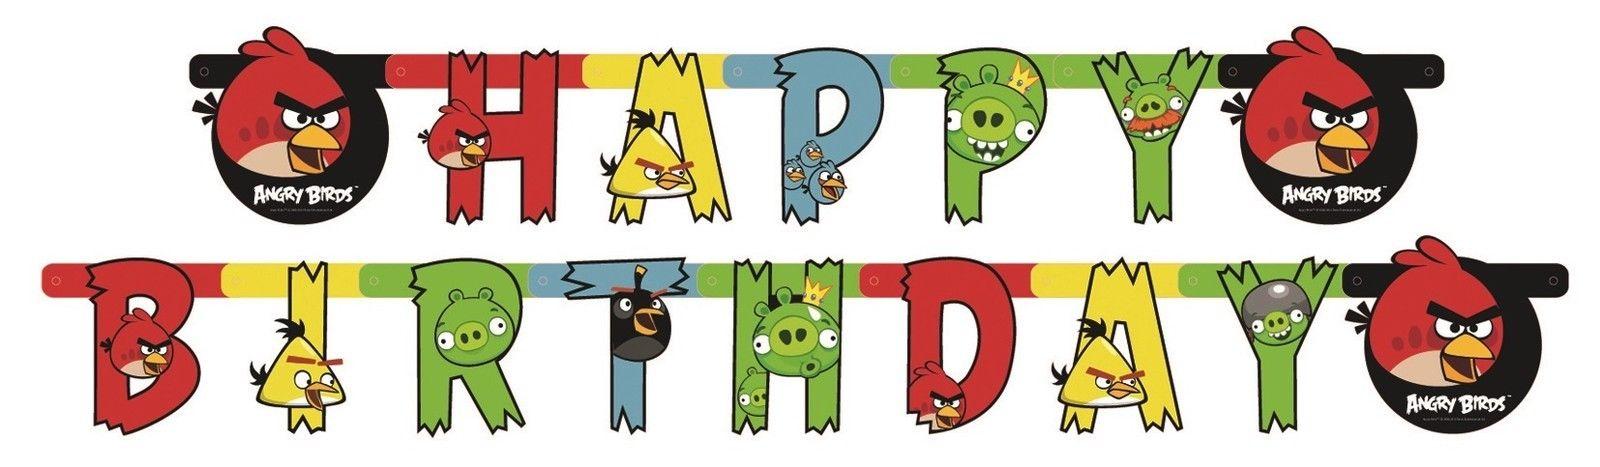 Clipart einladung geburtstag vector stock Angry Birds Geburtstag Partyartikel Party Deko Teller Becher ... vector stock